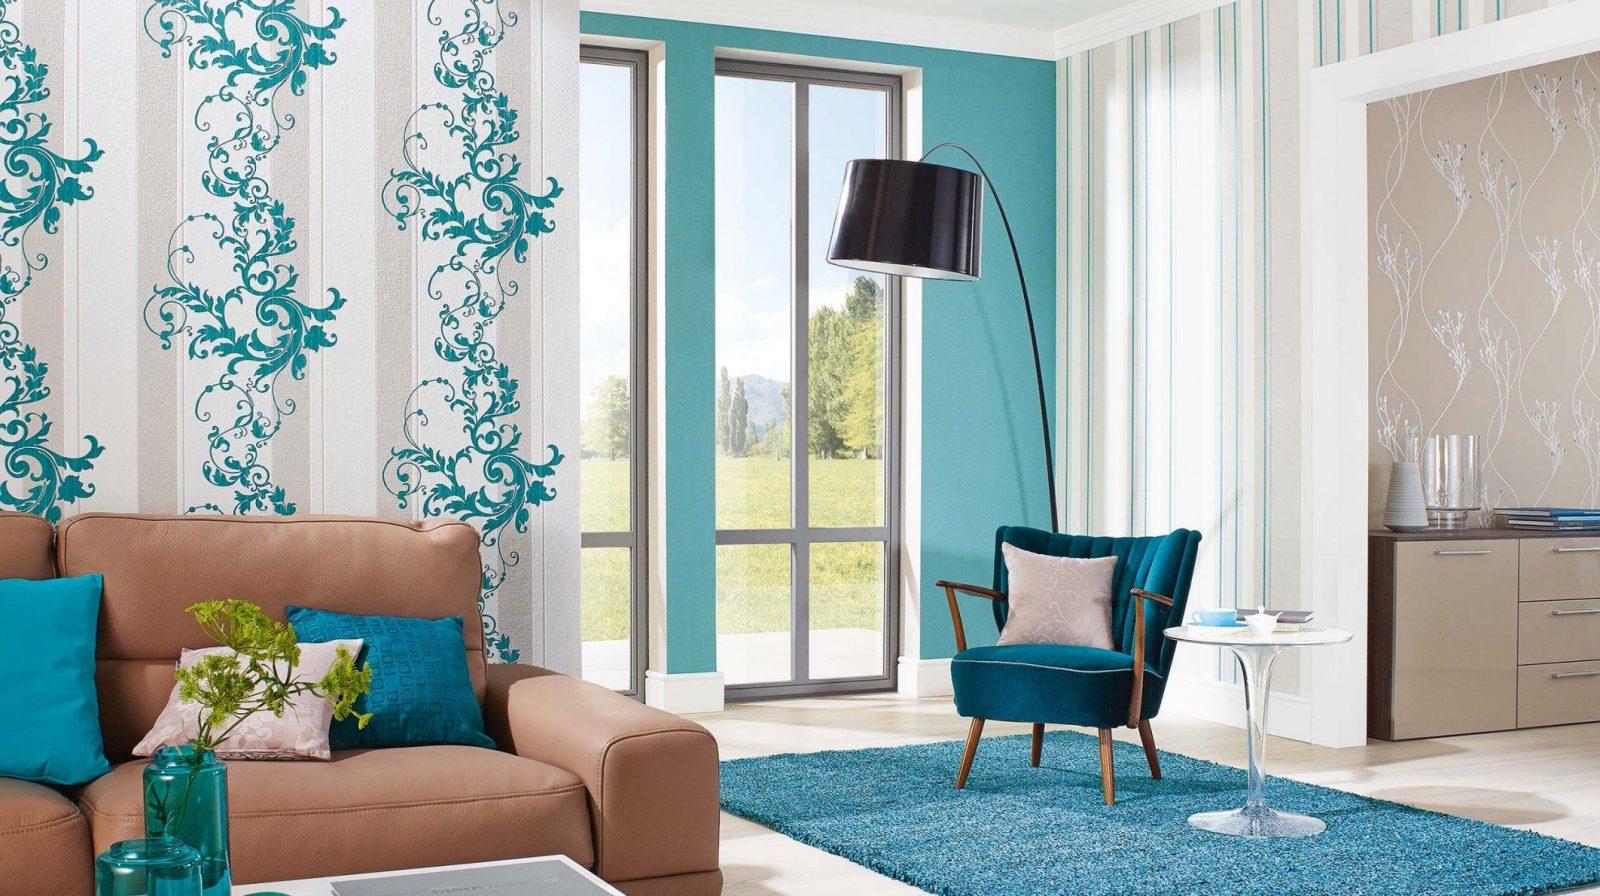 Wohnideen  Wandfarbe Fürs Wohnzimmer Auch Schön Gardinen Trends von Gardinen Trends Fürs Wohnzimmer Bild